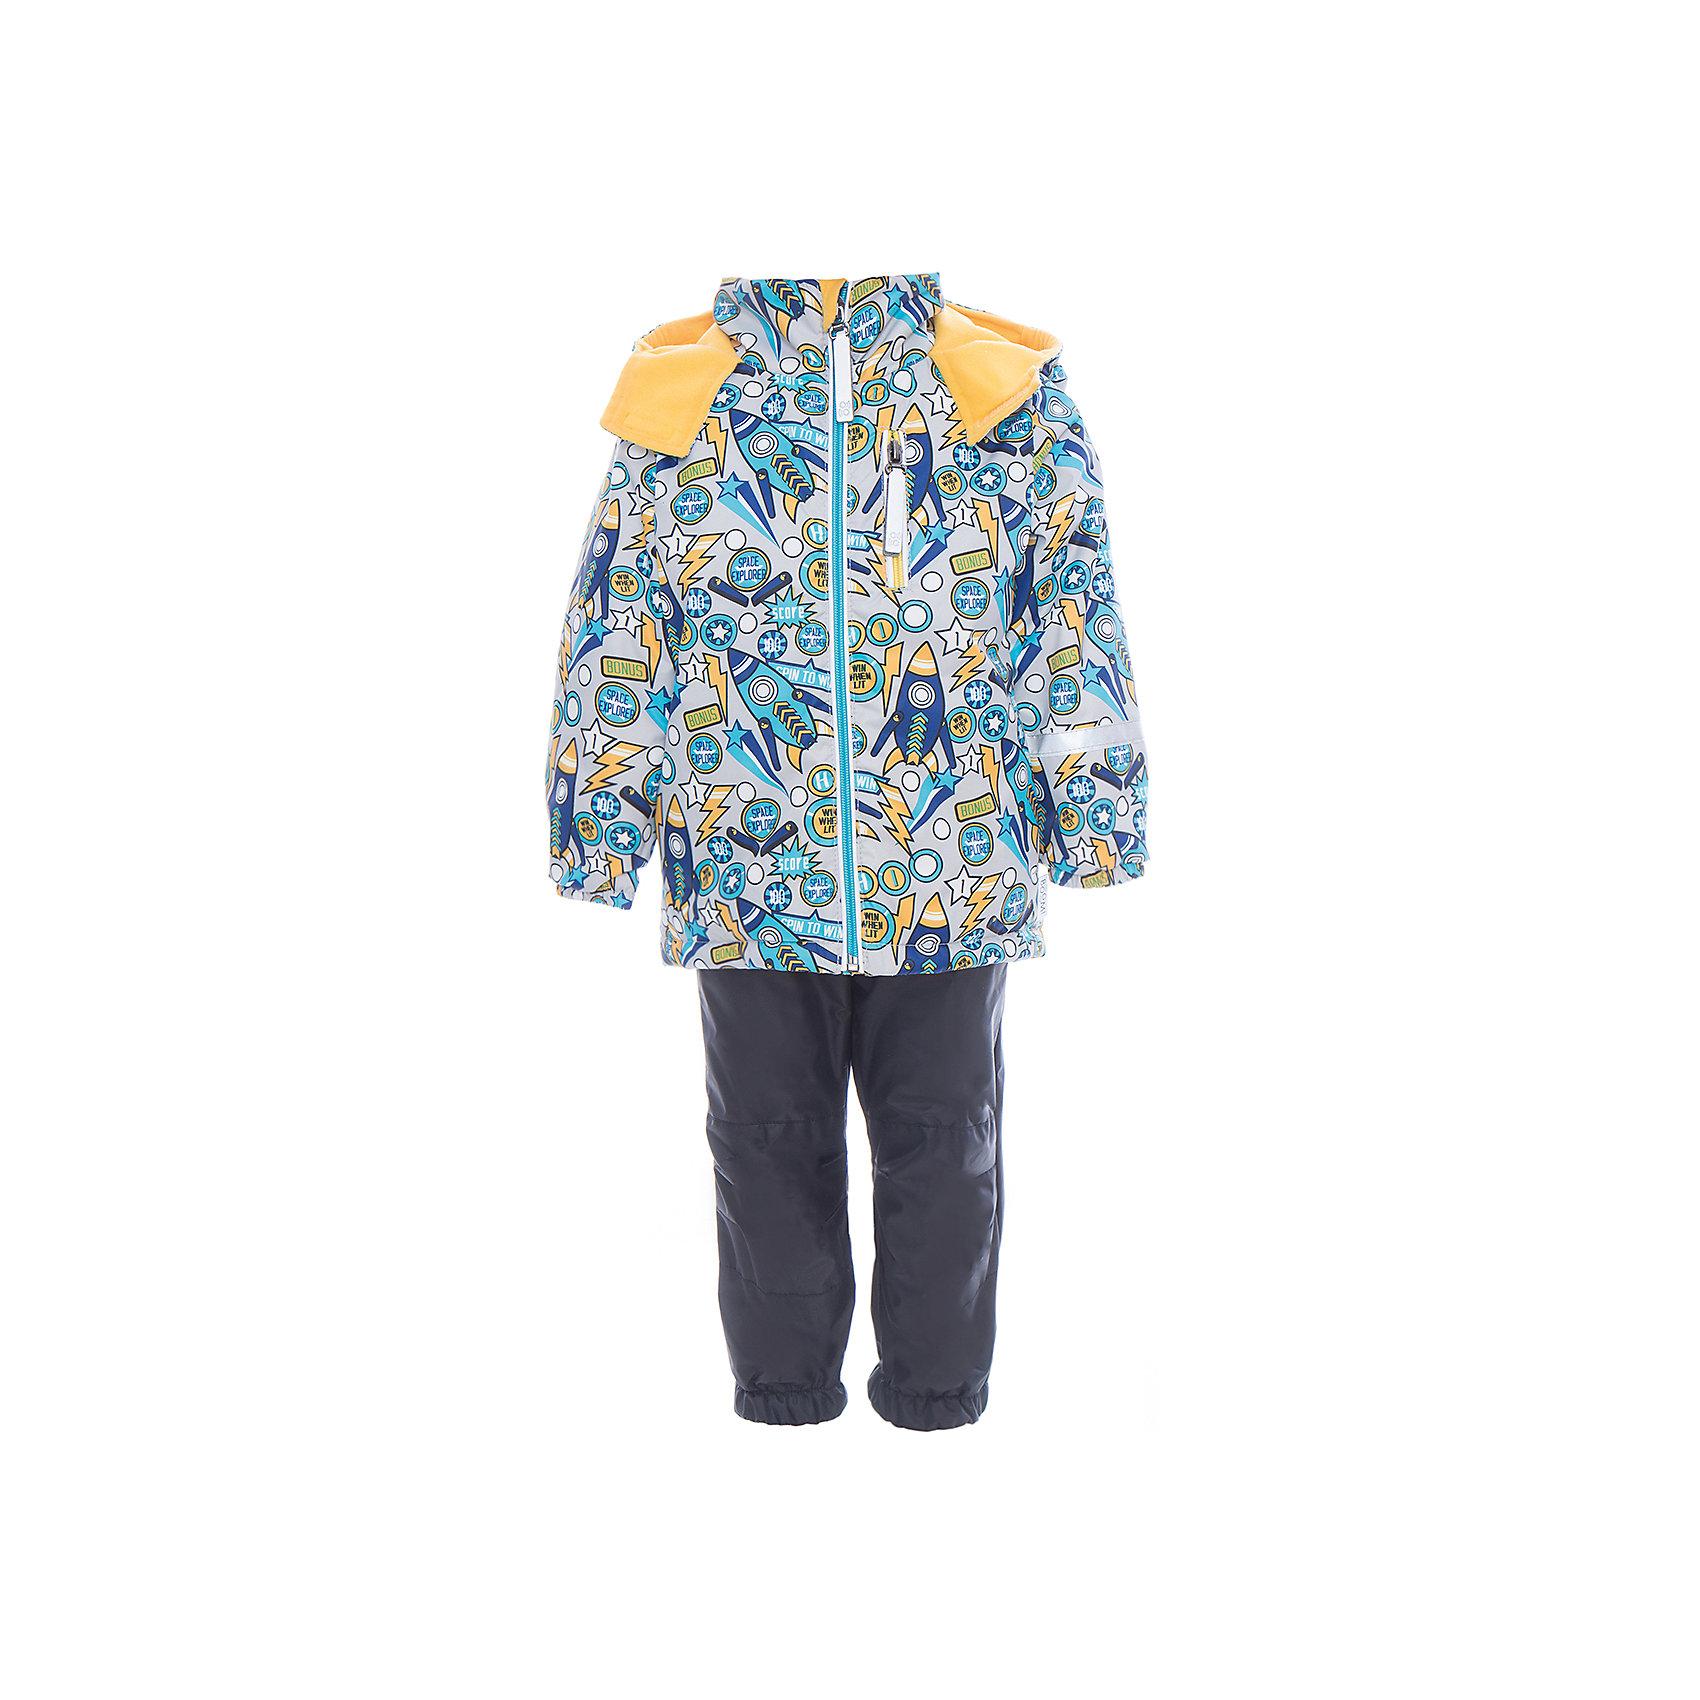 Комплект для мальчика BOOM by OrbyВерхняя одежда<br>Характеристики товара:<br><br>• цвет: серый<br>• курточка: верх - нейлон с мембранным покрытием 3000*3000, подкладка - поларфлис, полиэстер, утеплитель: FiberSoft 100 г/м2<br>• брюки: верх - нейлон с мембранным покрытием 3000*3000, подкладка - поларфлис<br>• комплектация: куртка, брюки<br>• температурный режим: от -5 С° до +10 С° <br>• эластичные регулируемые подтяжки<br>• застежка - молния<br>• куртка декорирована принтом<br>• капюшон<br>• силиконовые штрипки<br>• комфортная посадка<br>• страна производства: Российская Федерация<br>• страна бренда: Российская Федерация<br>• коллекция: весна-лето 2017<br><br>Такой комплект - универсальный вариант для межсезонья с постоянно меняющейся погодой. Эта модель - модная и удобная одновременно! Изделие отличается стильным ярким дизайном. Куртка и брюки хорошо сидят по фигуре, отлично сочетается с различной обувью. Модель была разработана специально для детей.<br><br>Одежда от российского бренда BOOM by Orby уже завоевала популярностью у многих детей и их родителей. Вещи, выпускаемые компанией, качественные, продуманные и очень удобные. Для производства коллекций используются только безопасные для детей материалы. Спешите приобрести модели из новой коллекции Весна-лето 2017! <br><br>Комплект для мальчика от бренда BOOM by Orby можно купить в нашем интернет-магазине.<br><br>Ширина мм: 356<br>Глубина мм: 10<br>Высота мм: 245<br>Вес г: 519<br>Цвет: черный<br>Возраст от месяцев: 72<br>Возраст до месяцев: 84<br>Пол: Мужской<br>Возраст: Детский<br>Размер: 122,92,80,86,104,98,110,116<br>SKU: 5342817